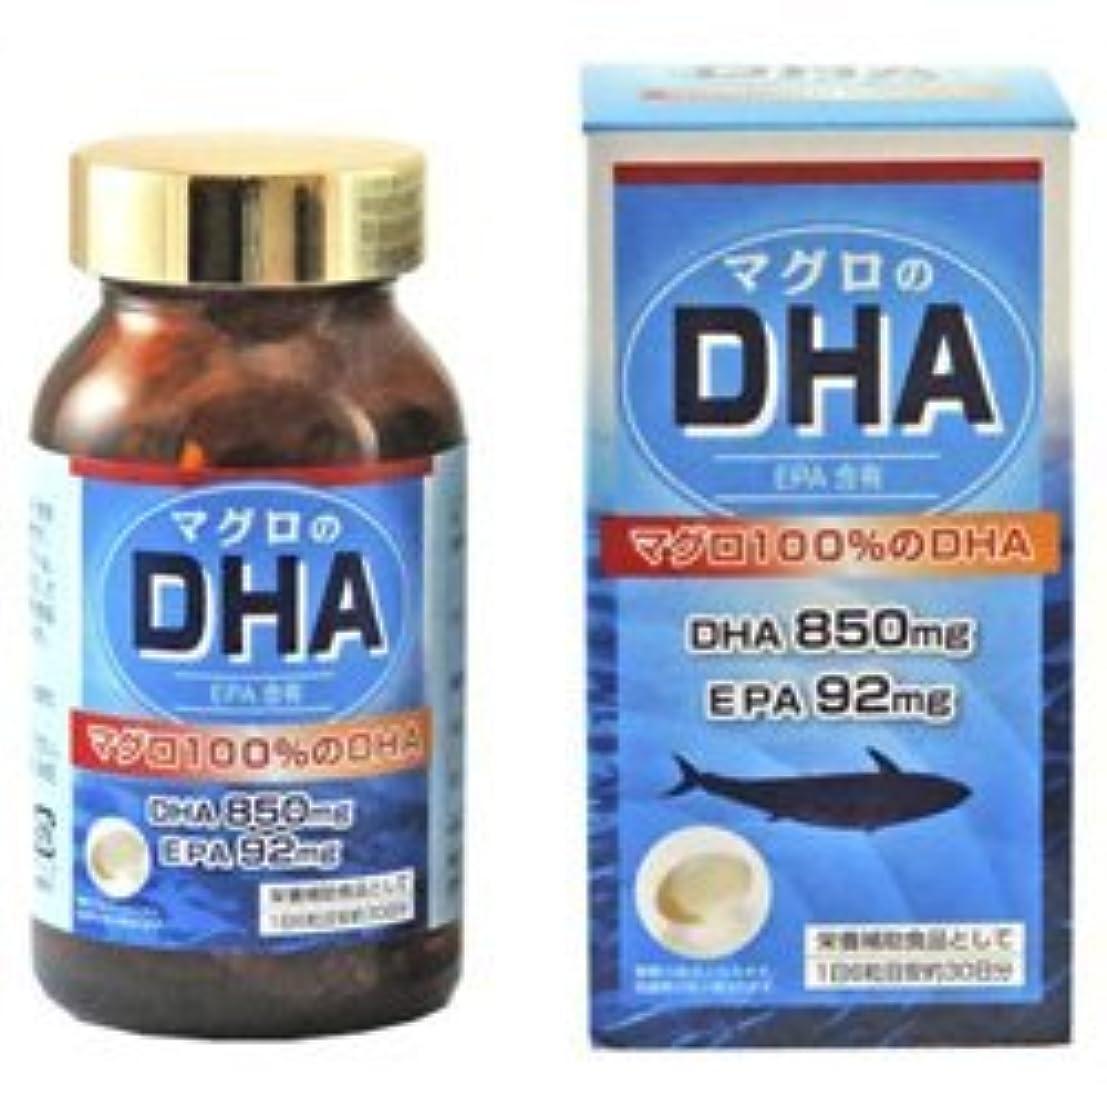 オプション背が高い確認してください【ユニマットリケン】DHA850 180粒 ×5個セット